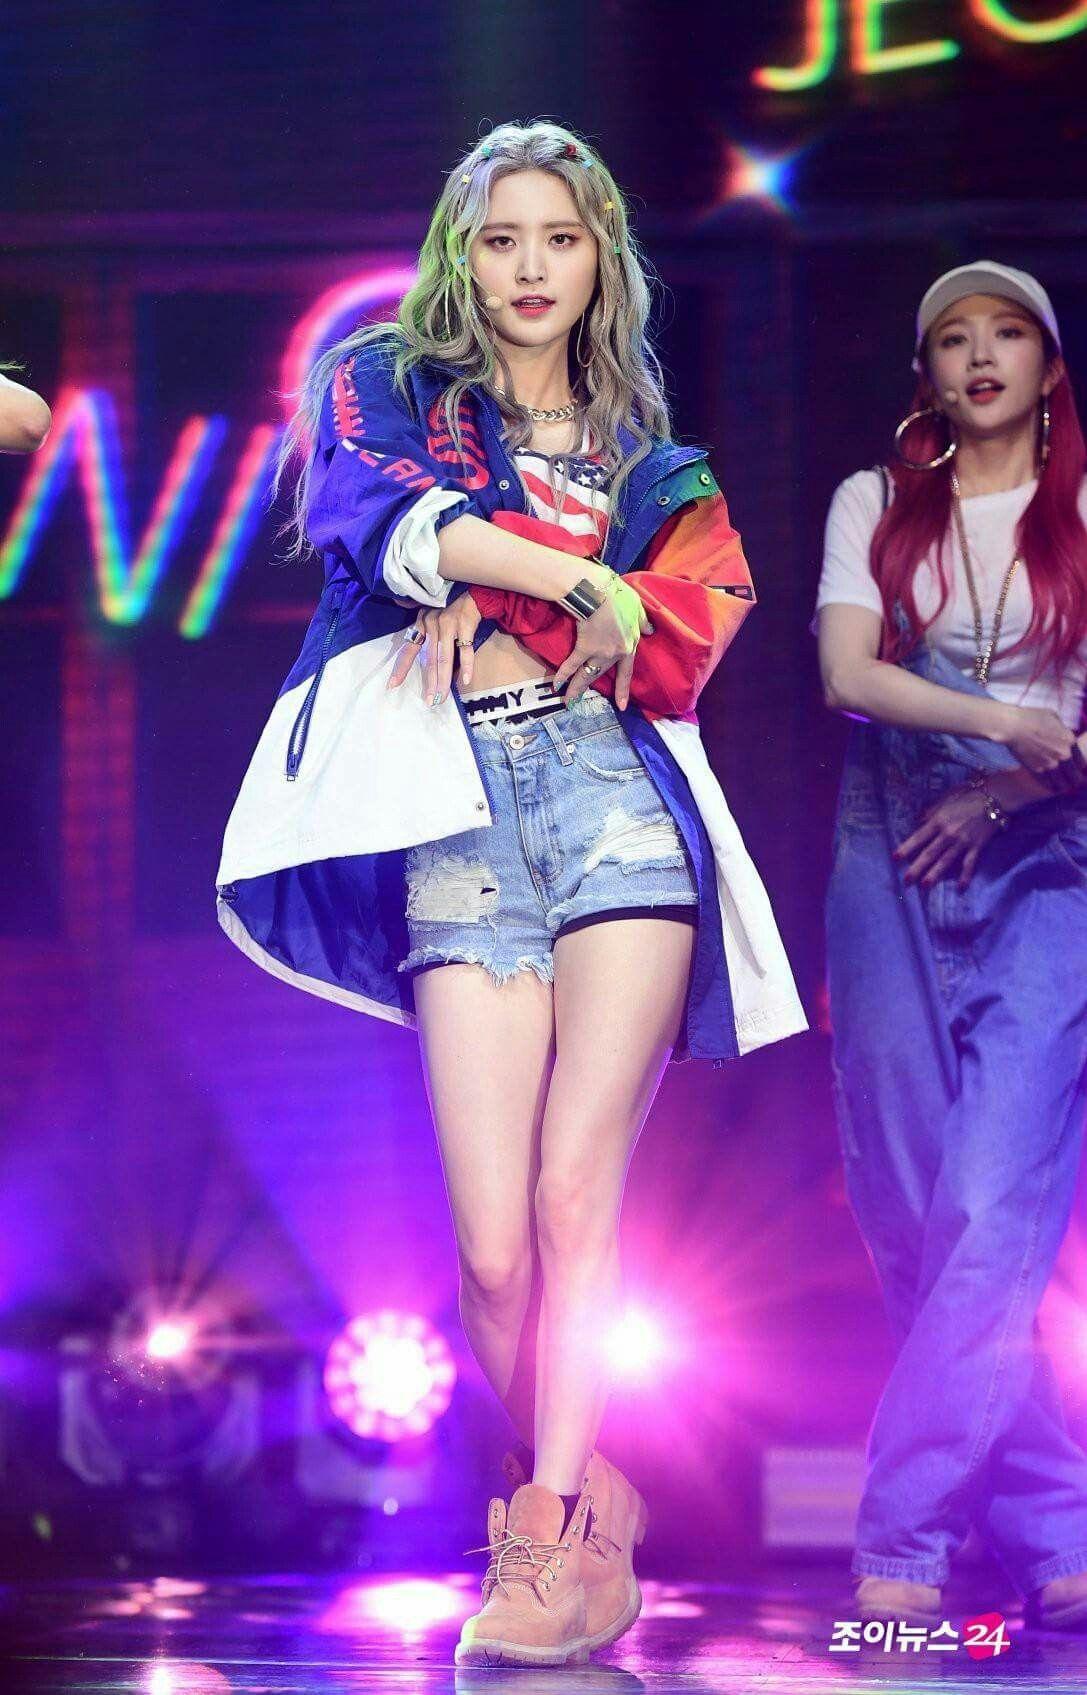 jeonghwa 2